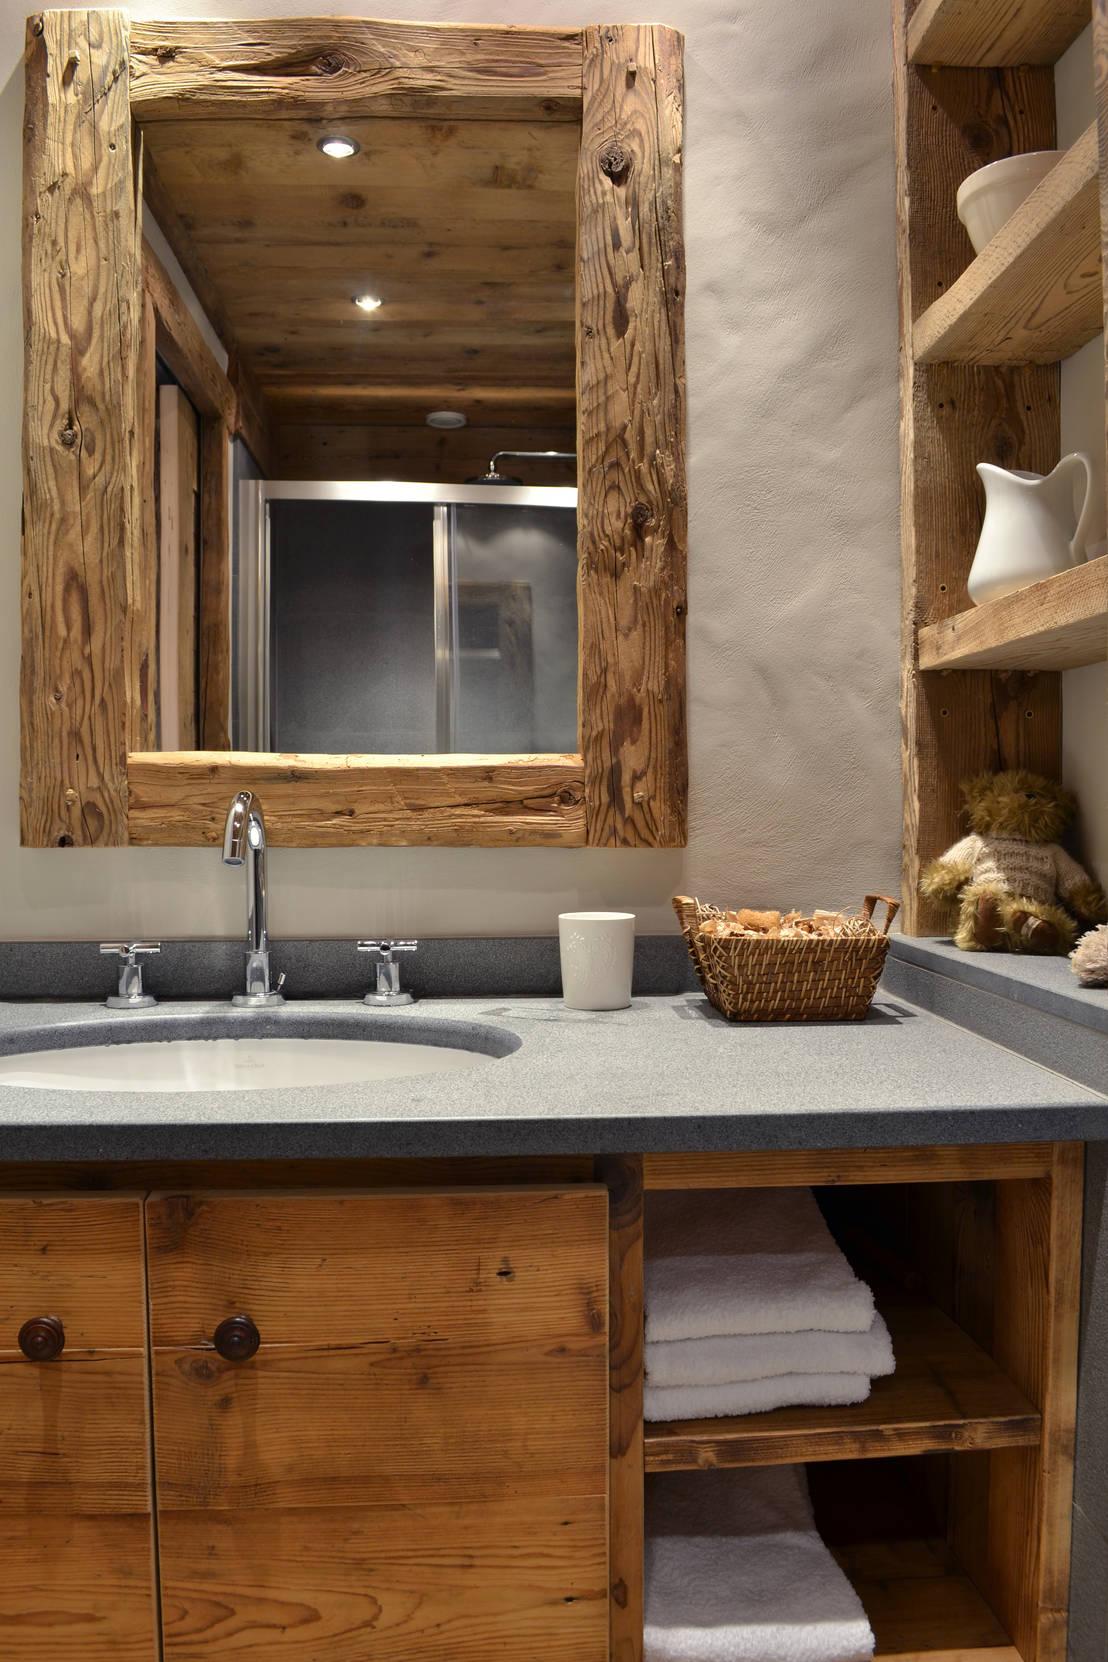 10 idee per arredare il bagno con i mobili in arte povera - Mobili per il bagno in legno ...